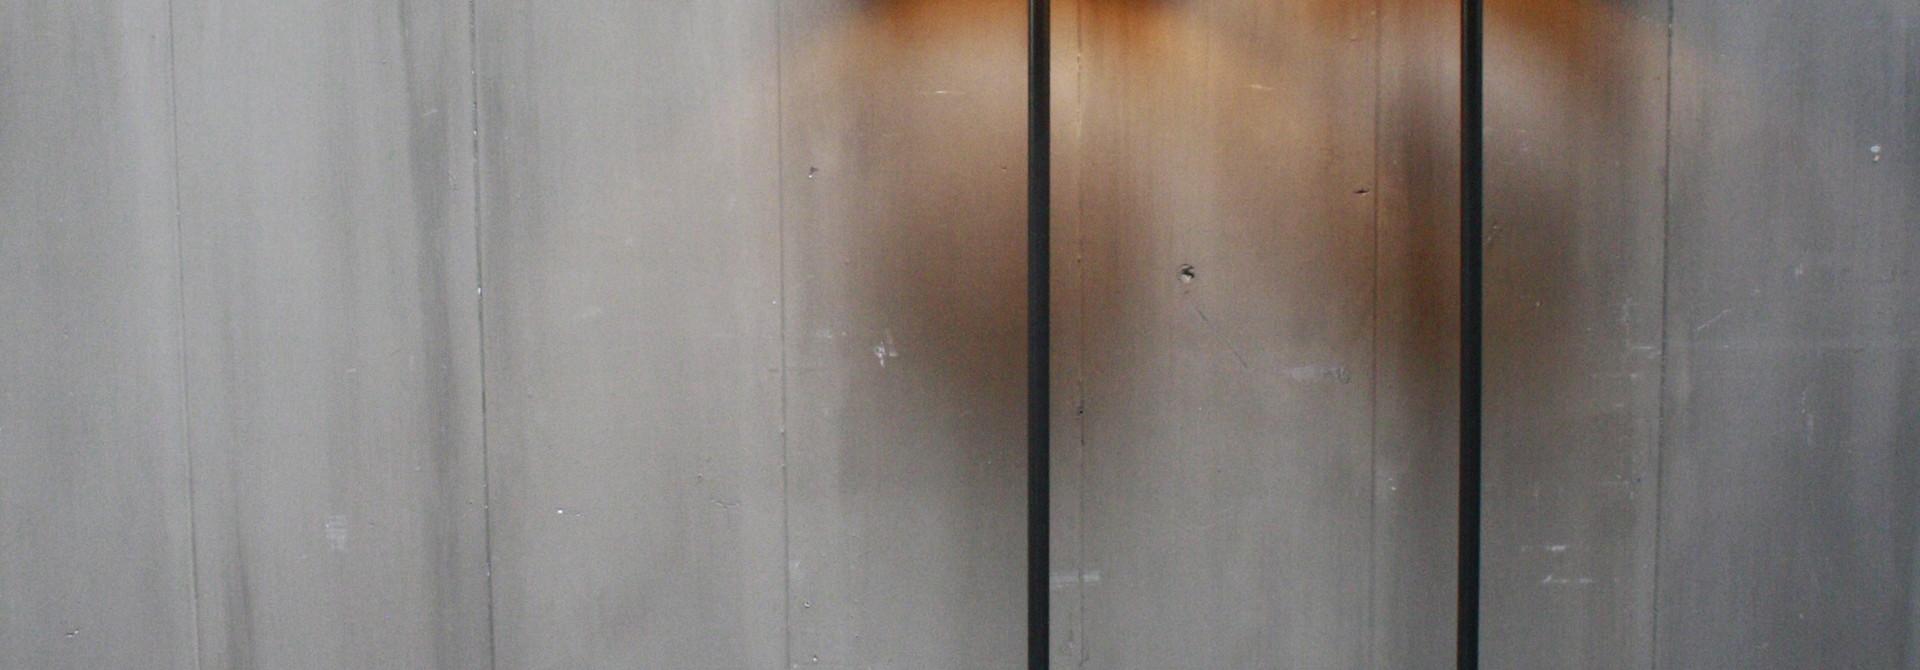 Vloerlamp 120 cm velvet luipaard/panterprint + natuurstenen voet